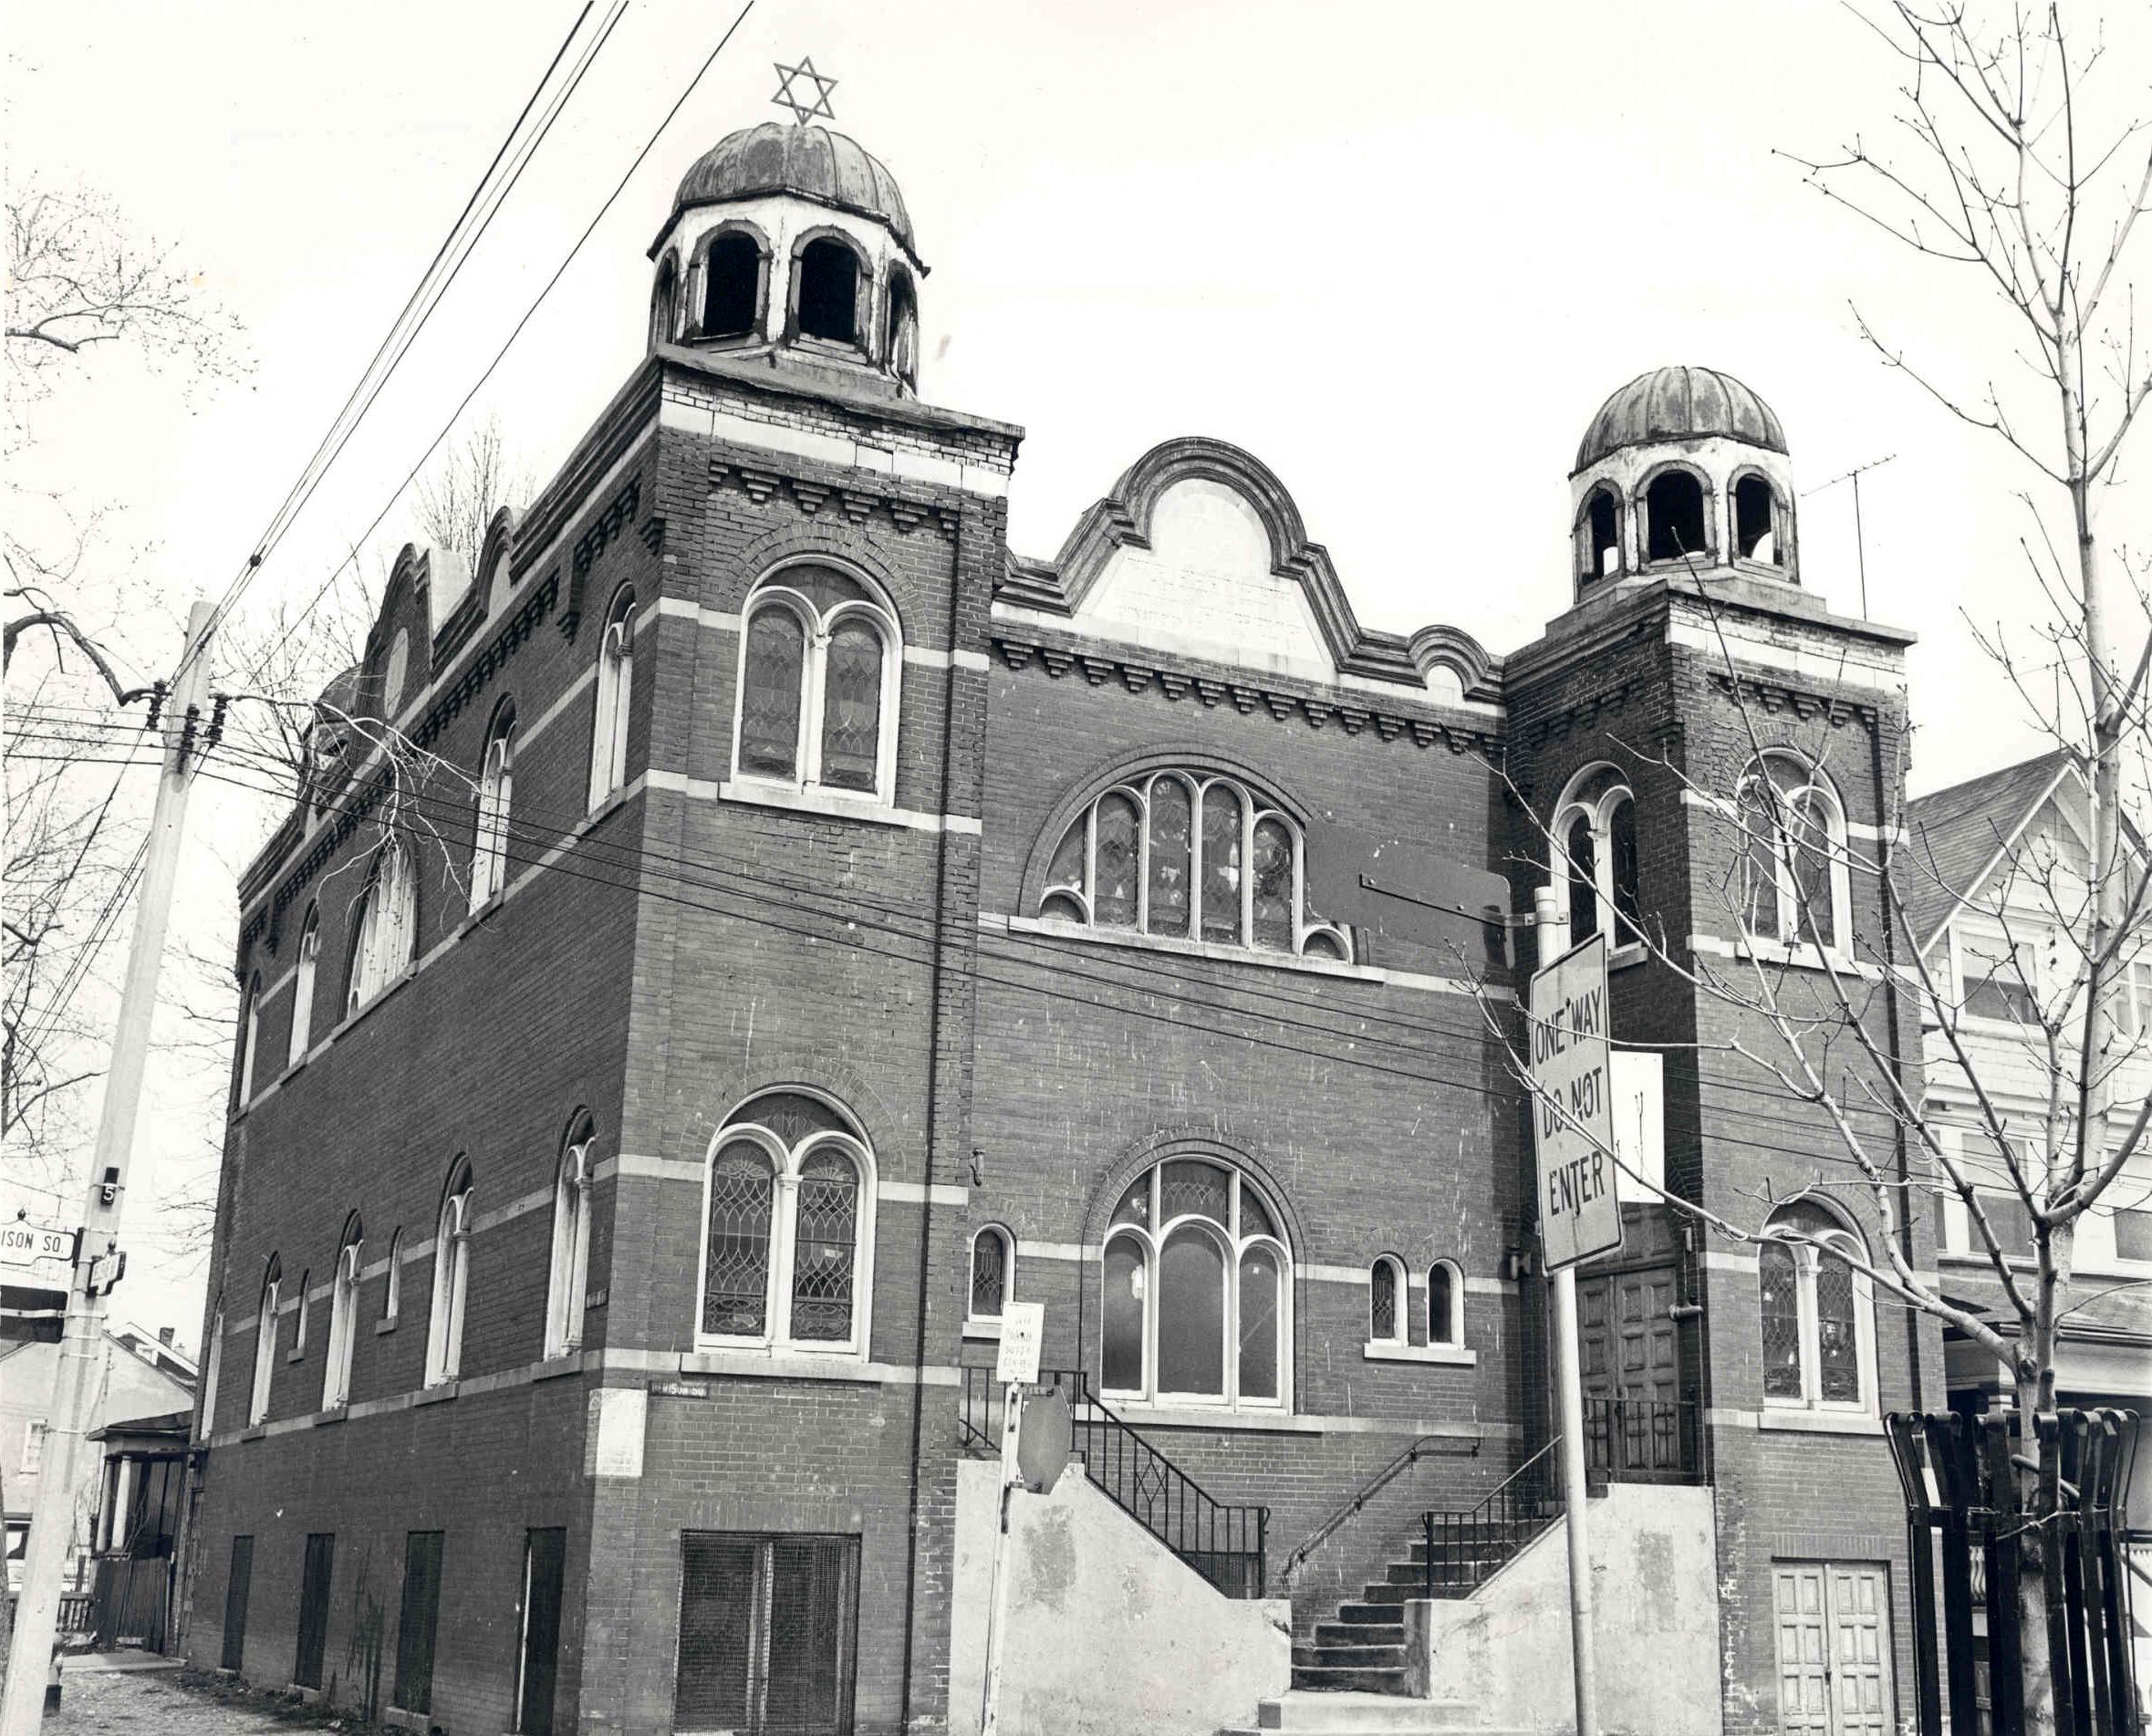 Kiever synagogue